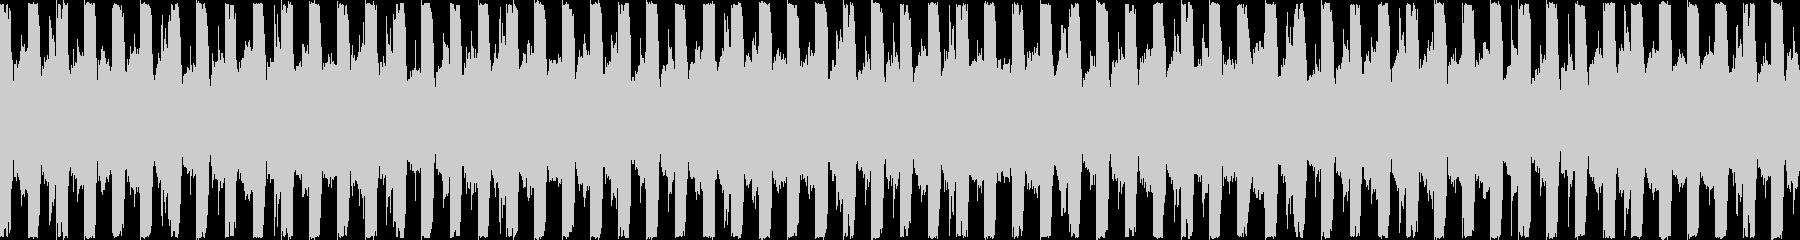 運動・フィットネス/30秒ループ曲3の未再生の波形